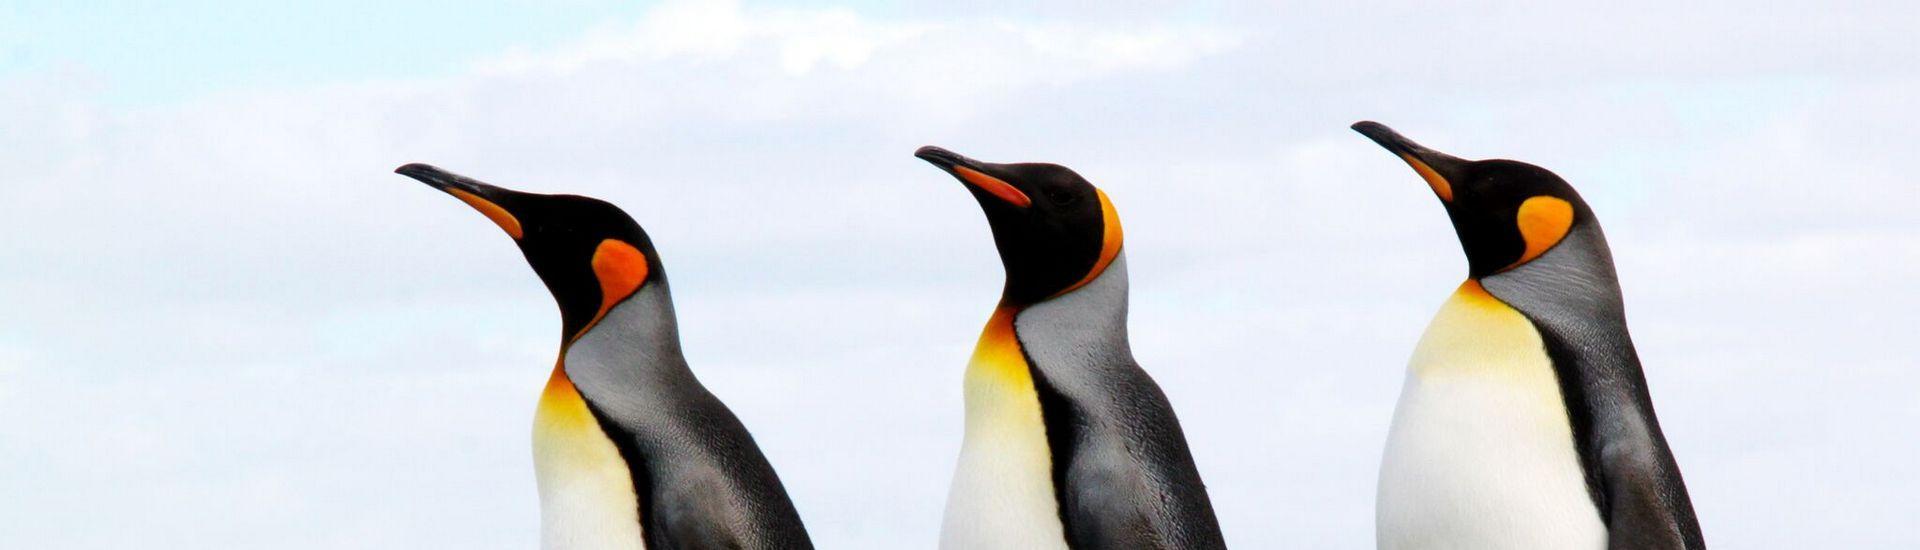 Falklandy - W królestwie pingwinów